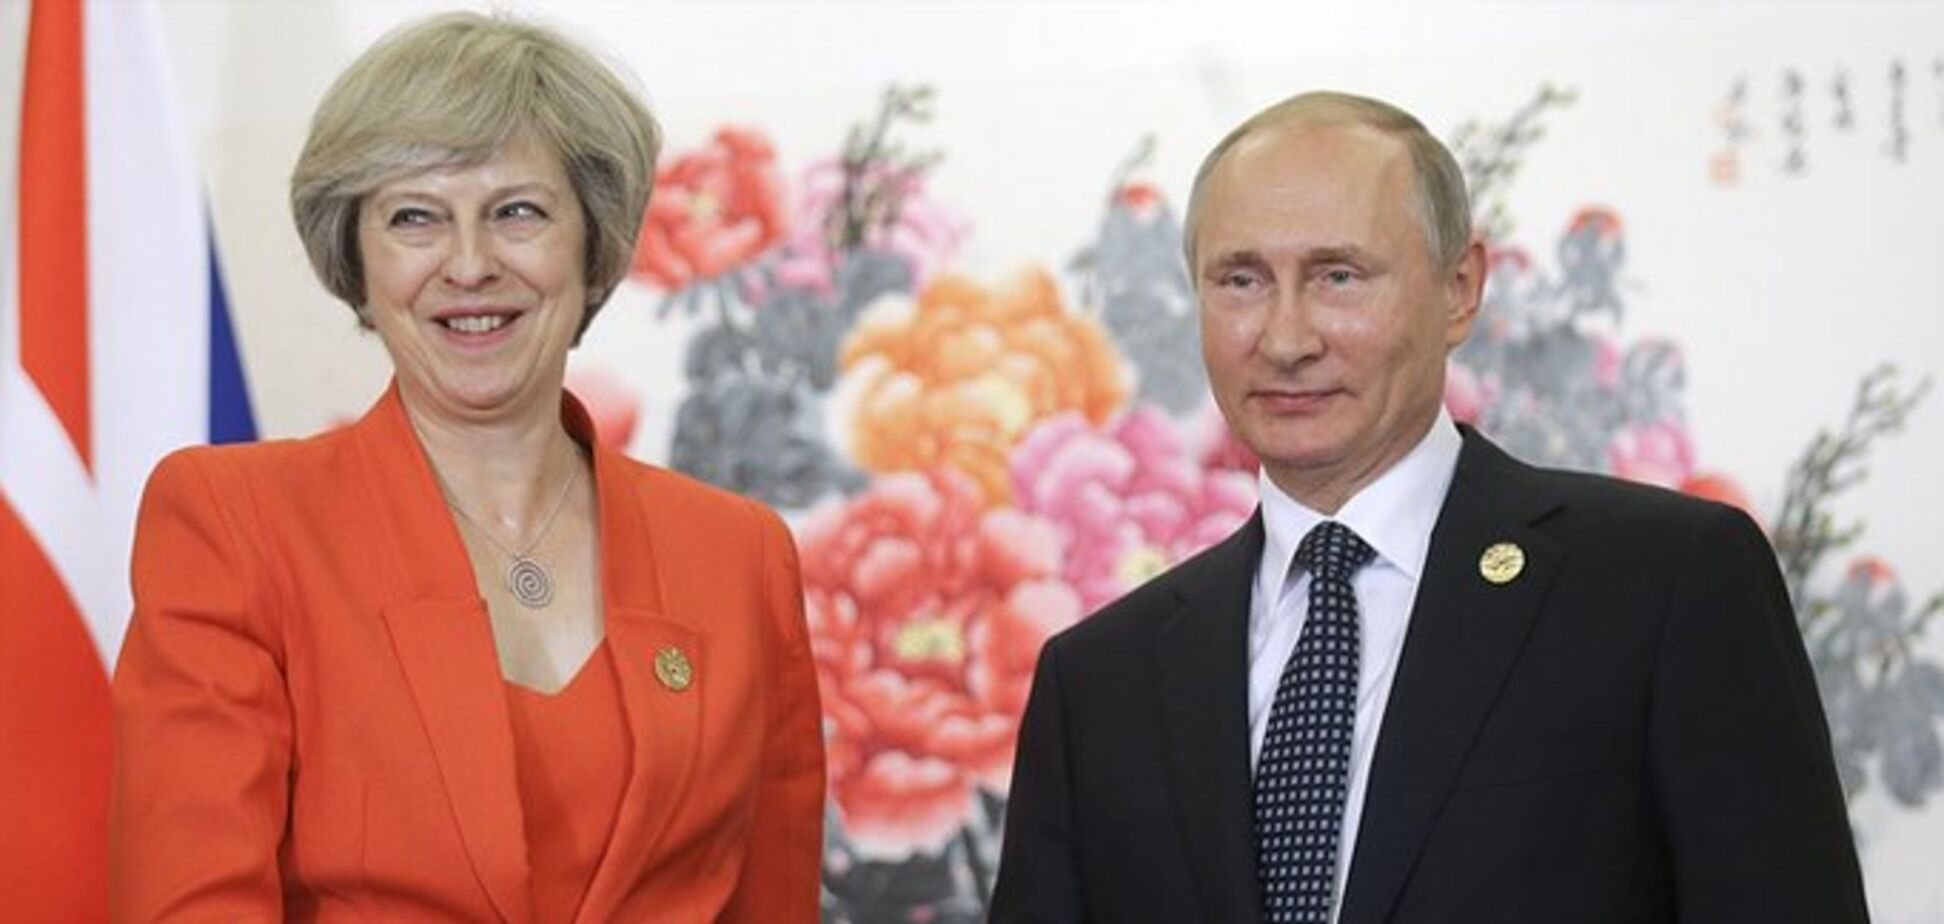 Мэй может первой в Европе простить Путина: что известно